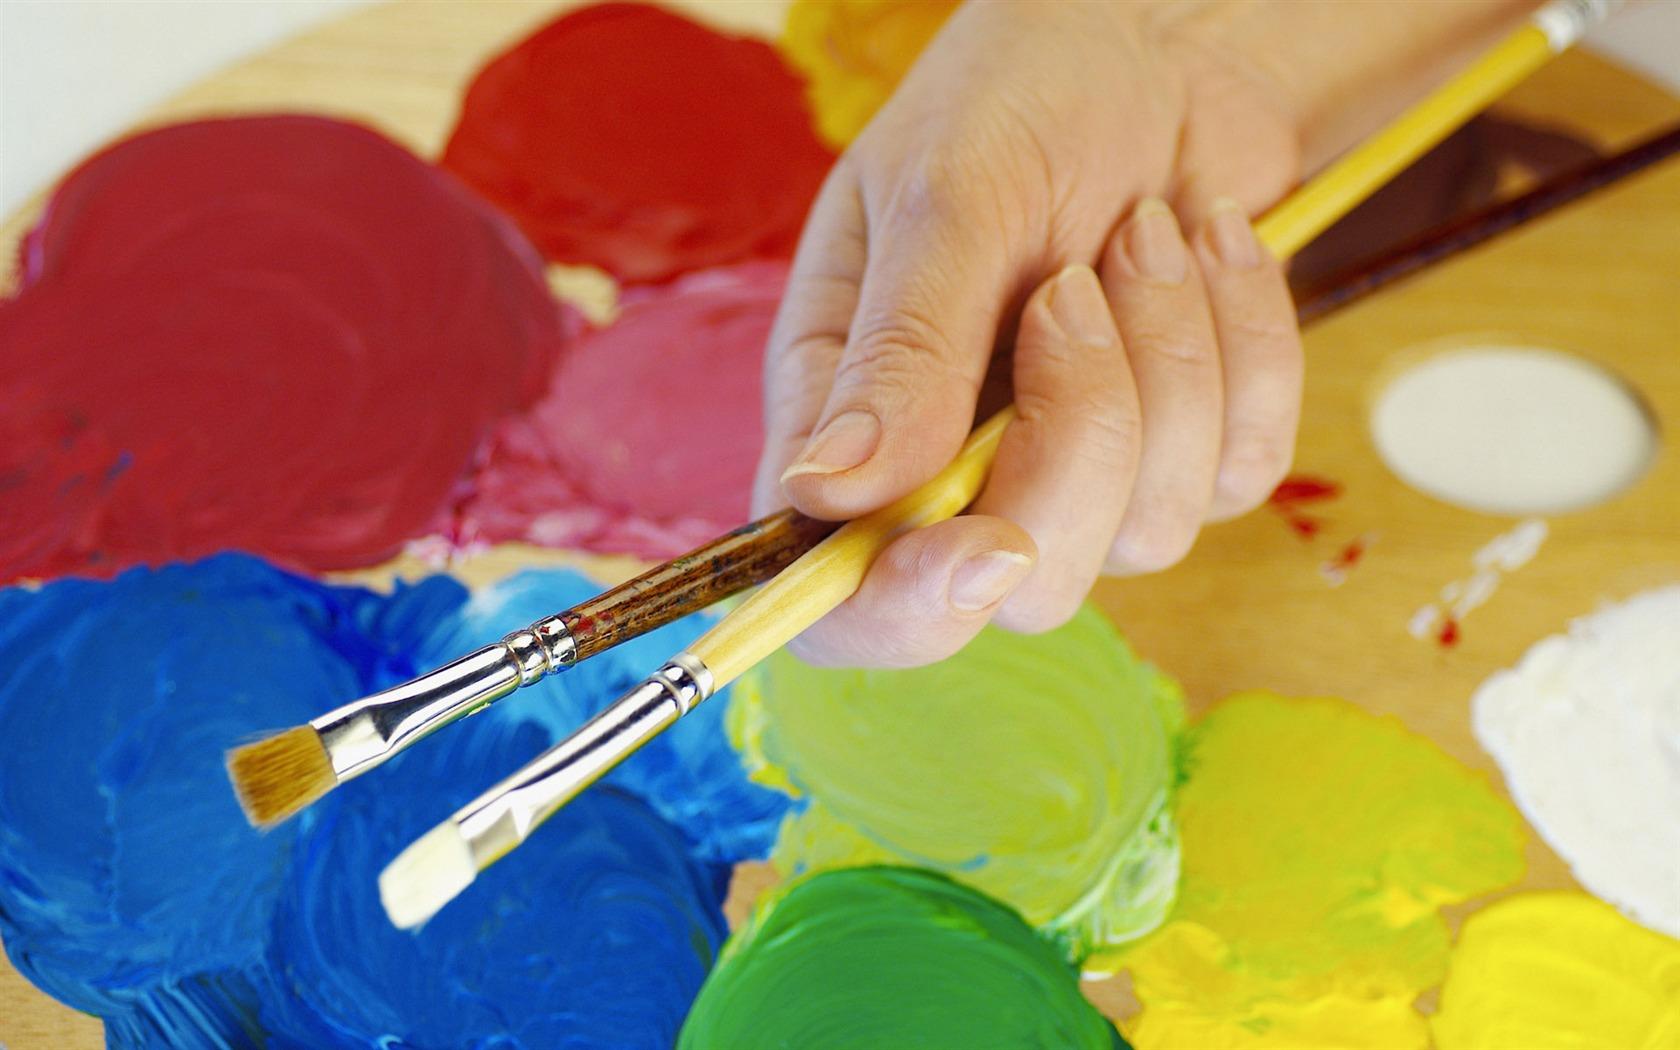 Сделать кисть для рисования своими руками